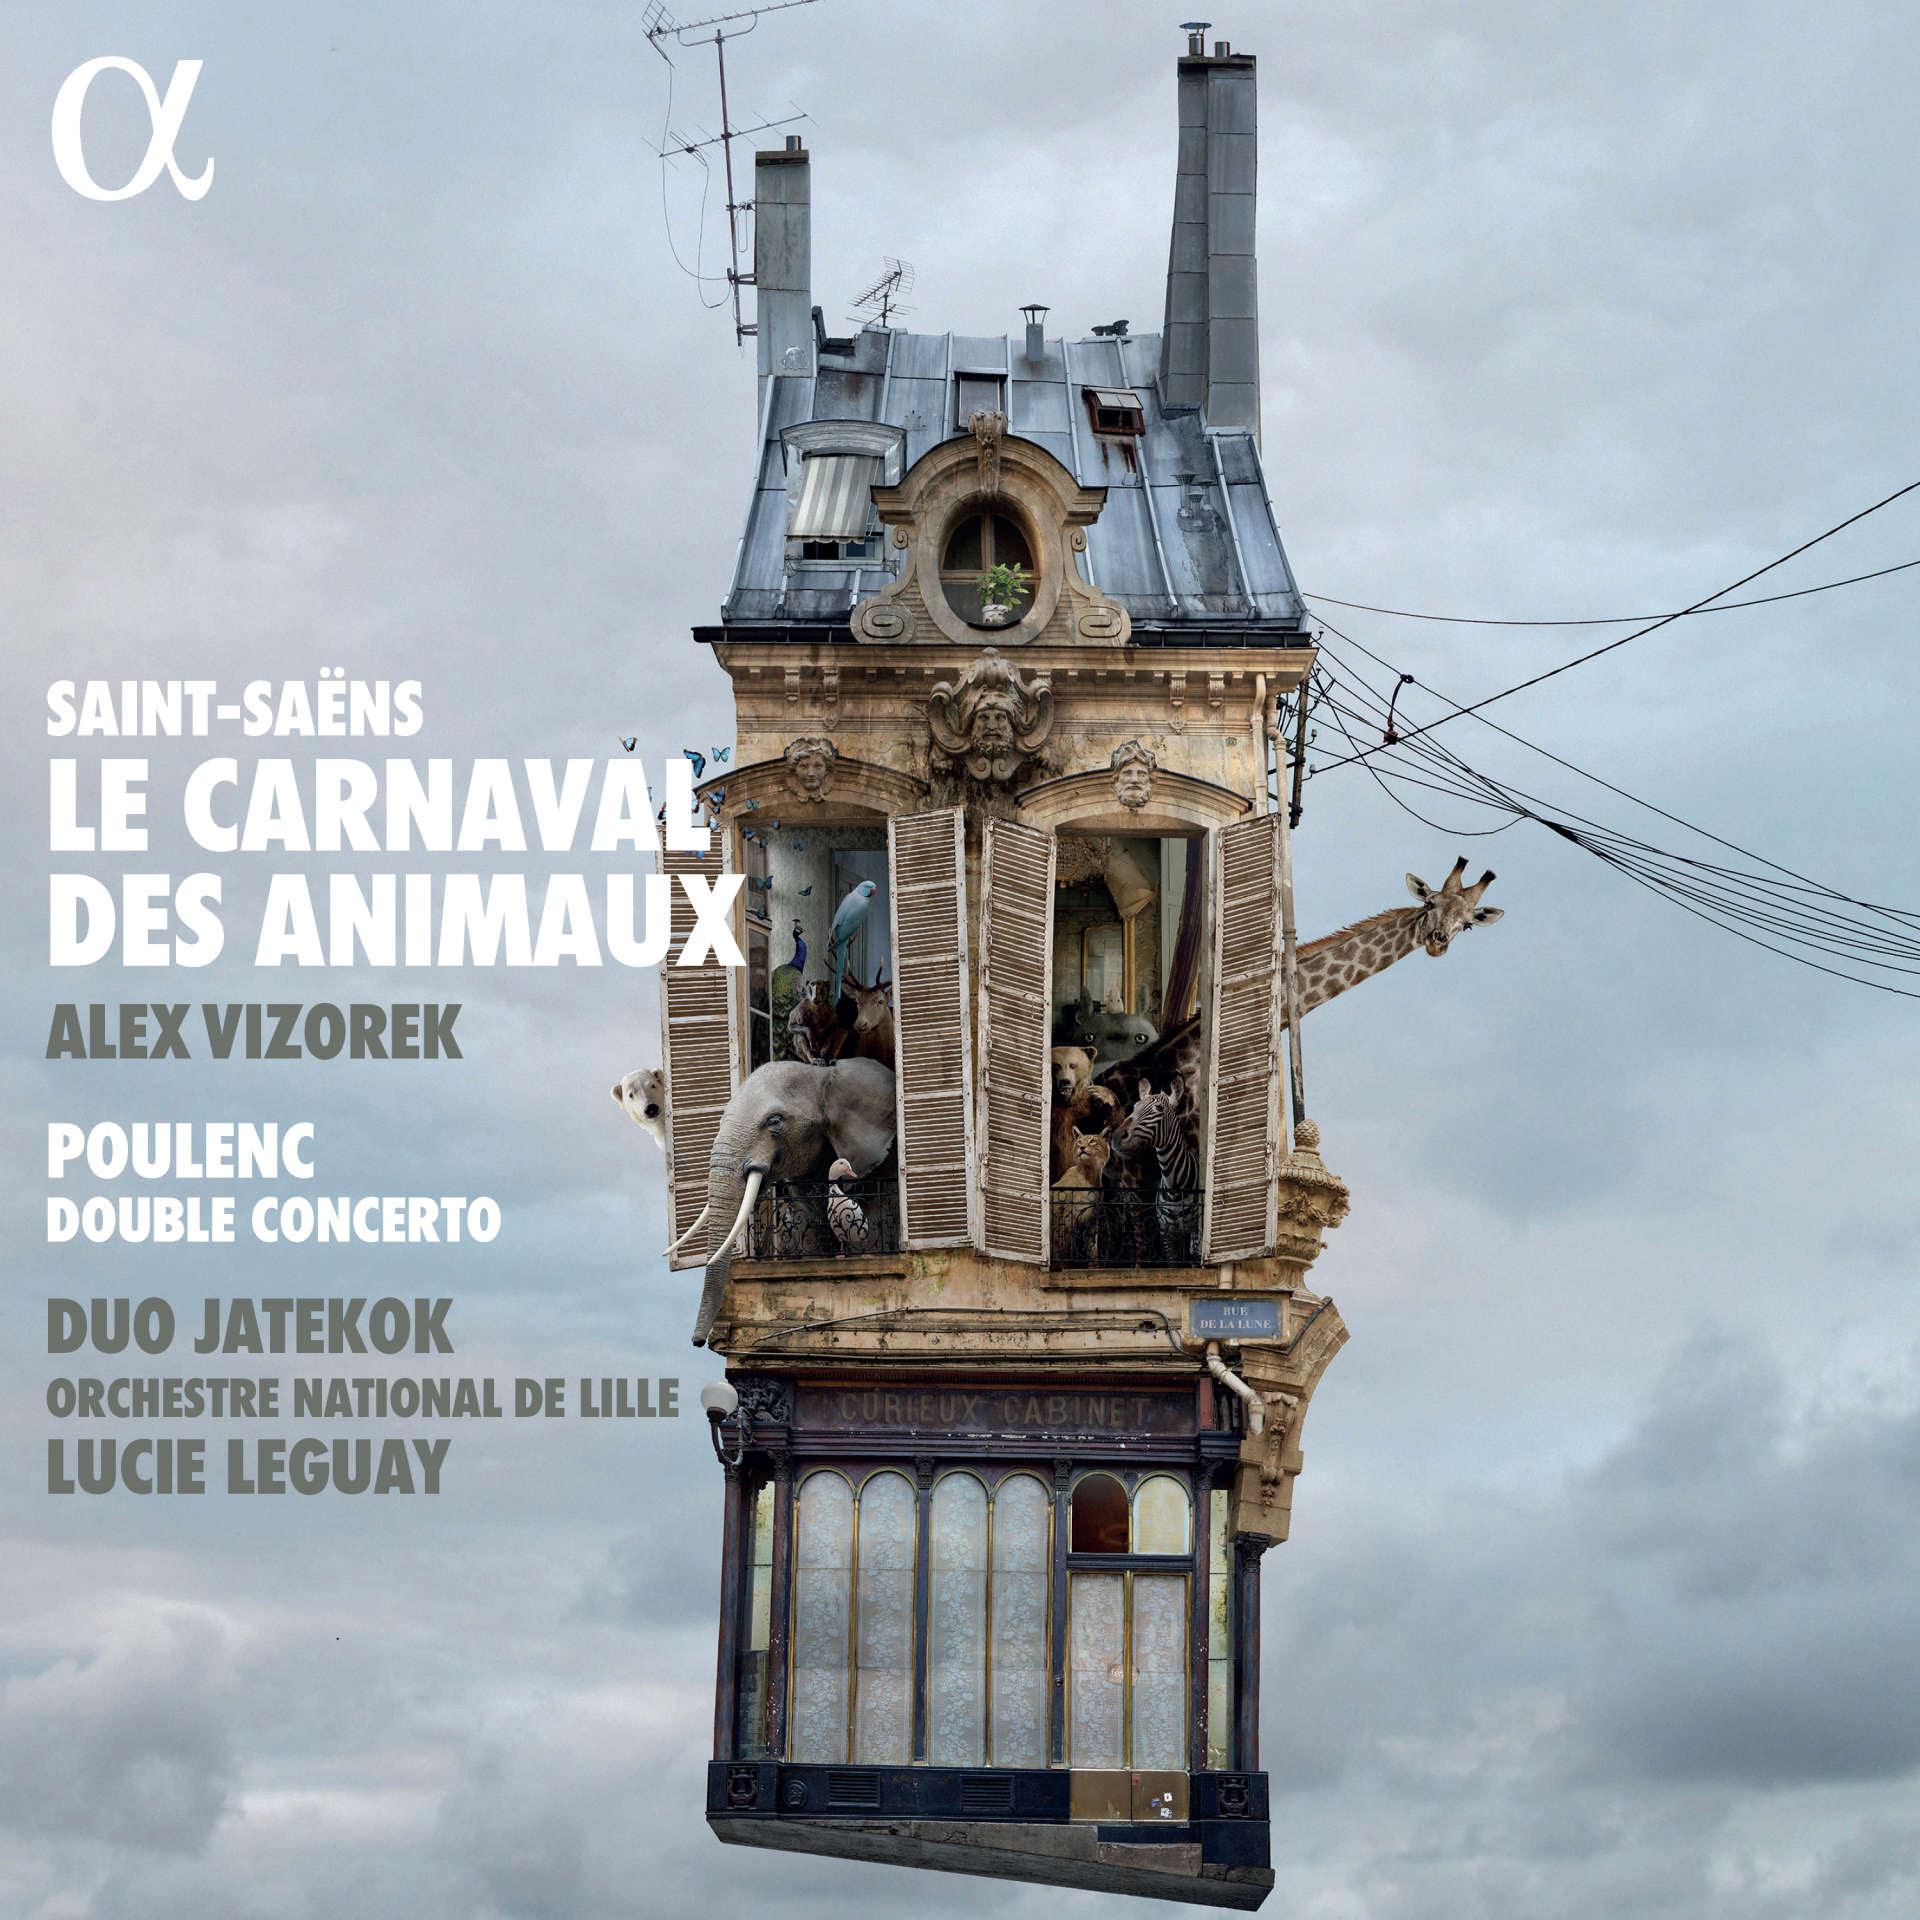 Pochette de l'album« Saint-Saëns. Le Carnaval des animauxet Poulenc. Double concerto», avec Alex Vizorek, le duo Jatekok et l'Orchestre national de Lille sous la direction de Lucie Leguay.